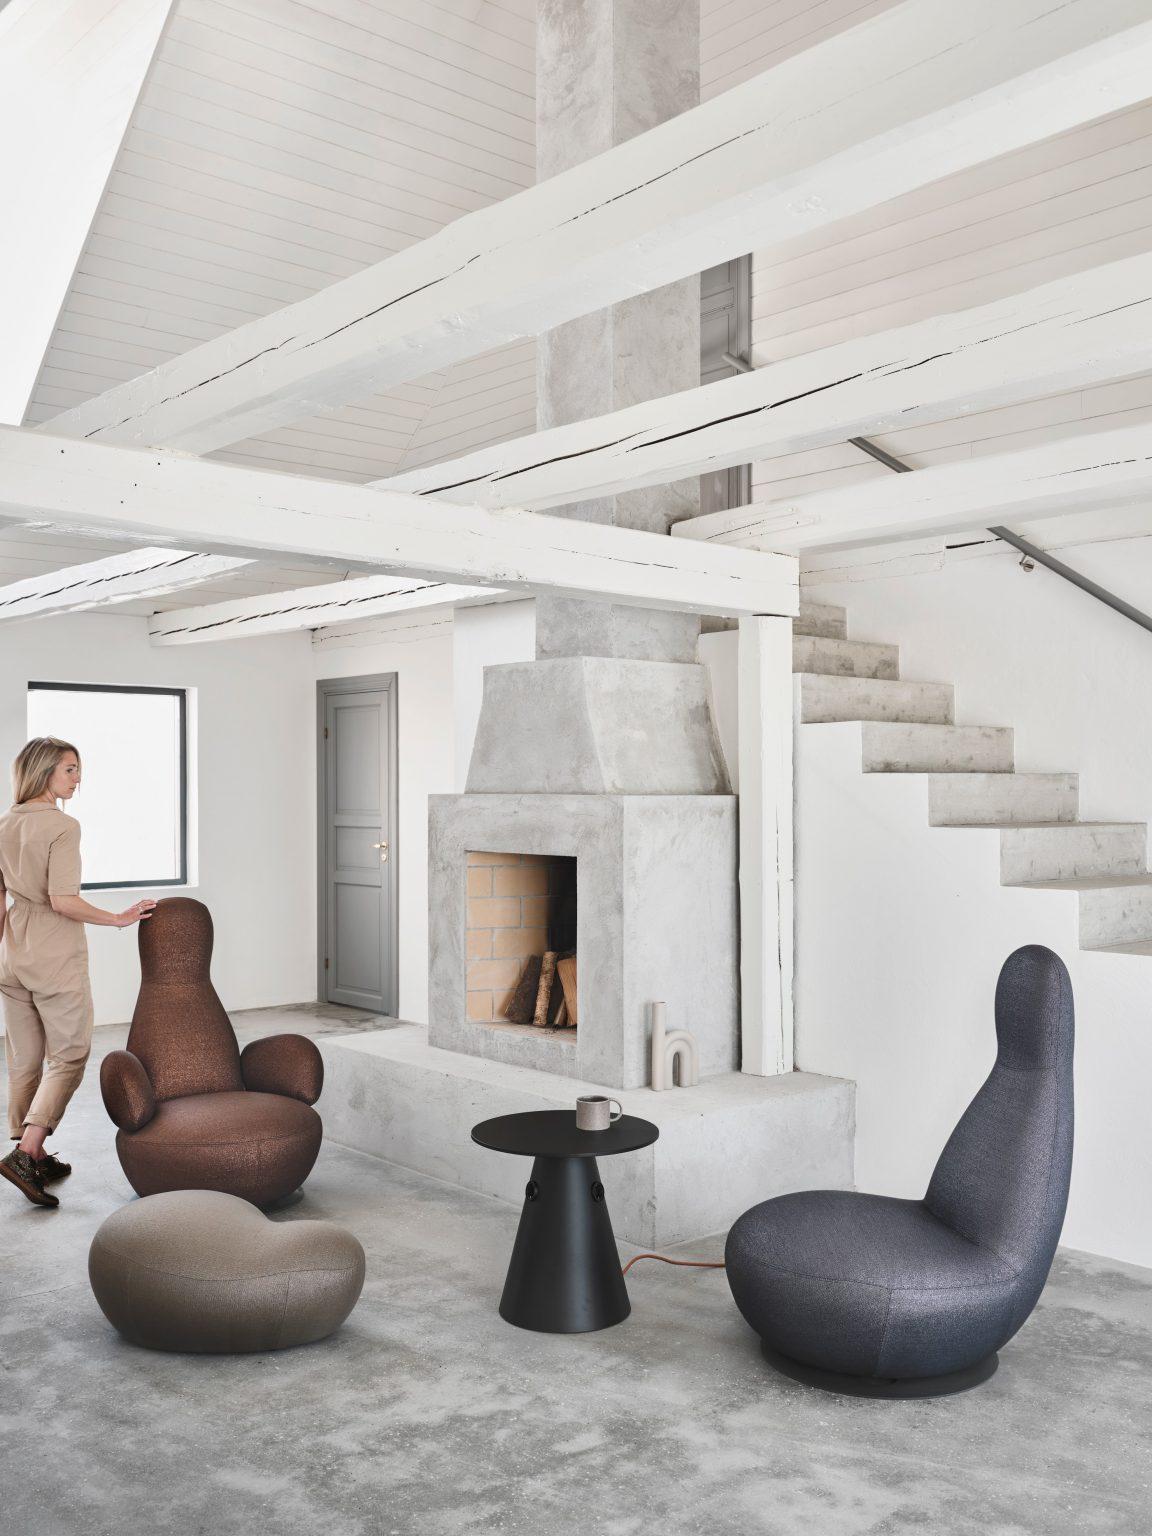 Biennale Interieur - Belgium's leading design and interior event - 3oppo_3_1.jpg